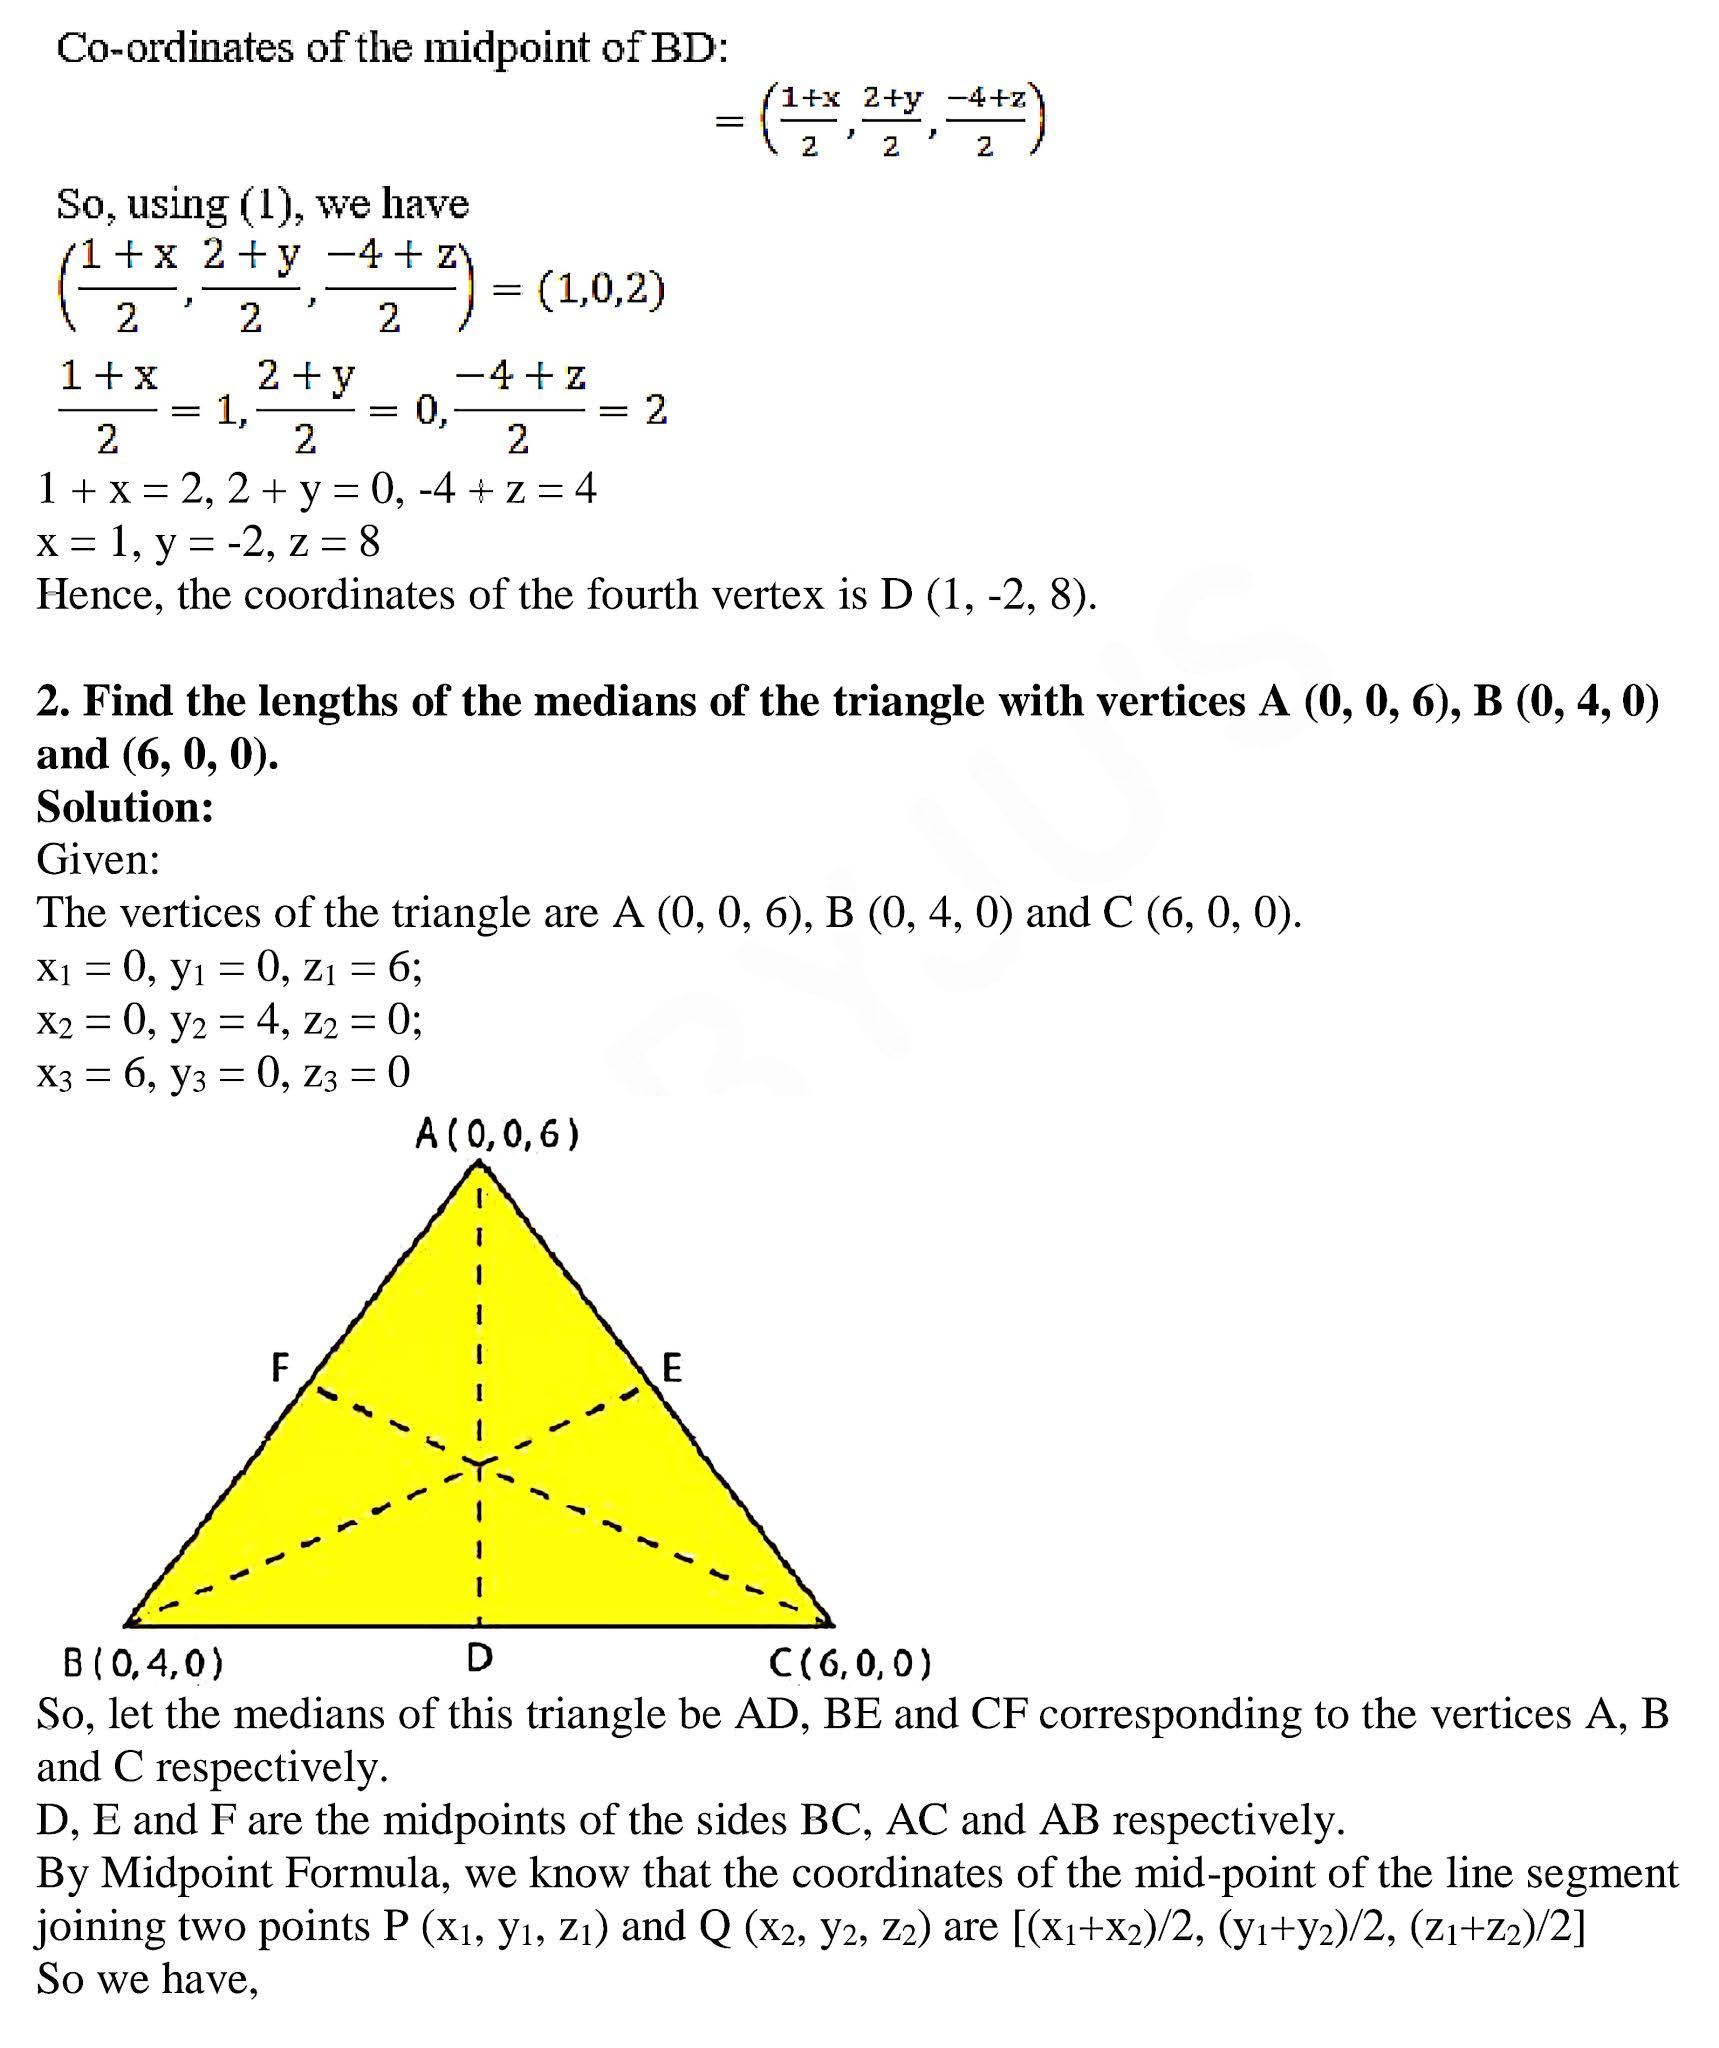 Class 11 Maths Chapter 12- Introduction to Three Dimensional Geometry,  11th Maths book in hindi,11th Maths notes in hindi,cbse books for class  11,cbse books in hindi,cbse ncert books,class  11  Maths notes in hindi,class  11 hindi ncert solutions, Maths 2020, Maths 2021, Maths 2022, Maths book class  11, Maths book in hindi, Maths class  11 in hindi, Maths notes for class  11 up board in hindi,ncert all books,ncert app in hindi,ncert book solution,ncert books class 10,ncert books class  11,ncert books for class 7,ncert books for upsc in hindi,ncert books in hindi class 10,ncert books in hindi for class  11  Maths,ncert books in hindi for class 6,ncert books in hindi pdf,ncert class  11 hindi book,ncert english book,ncert  Maths book in hindi,ncert  Maths books in hindi pdf,ncert  Maths class  11,ncert in hindi,old ncert books in hindi,online ncert books in hindi,up board  11th,up board  11th syllabus,up board class 10 hindi book,up board class  11 books,up board class  11 new syllabus,up Board  Maths 2020,up Board  Maths 2021,up Board  Maths 2022,up Board  Maths 2023,up board intermediate  Maths syllabus,up board intermediate syllabus 2021,Up board Master 2021,up board model paper 2021,up board model paper all subject,up board new syllabus of class 11th Maths,up board paper 2021,Up board syllabus 2021,UP board syllabus 2022,   11 वीं मैथ्स पुस्तक हिंदी में,  11 वीं मैथ्स नोट्स हिंदी में, कक्षा  11 के लिए सीबीएससी पुस्तकें, हिंदी में सीबीएससी पुस्तकें, सीबीएससी  पुस्तकें, कक्षा  11 मैथ्स नोट्स हिंदी में, कक्षा  11 हिंदी एनसीईआरटी समाधान, मैथ्स 2020, मैथ्स 2021, मैथ्स 2022, मैथ्स  बुक क्लास  11, मैथ्स बुक इन हिंदी, बायोलॉजी क्लास  11 हिंदी में, मैथ्स नोट्स इन क्लास  11 यूपी  बोर्ड इन हिंदी, एनसीईआरटी मैथ्स की किताब हिंदी में,  बोर्ड  11 वीं तक,  11 वीं तक की पाठ्यक्रम, बोर्ड कक्षा 10 की हिंदी पुस्तक  , बोर्ड की कक्षा  11 की किताबें, बोर्ड की कक्षा  11 की नई पाठ्यक्रम, बोर्ड मैथ्स 2020, यूपी   बोर्ड मैथ्स 2021, यूपी  बोर्ड मैथ्स 2022, यूपी  बोर्ड मैथ्स 2023, यूपी  बो